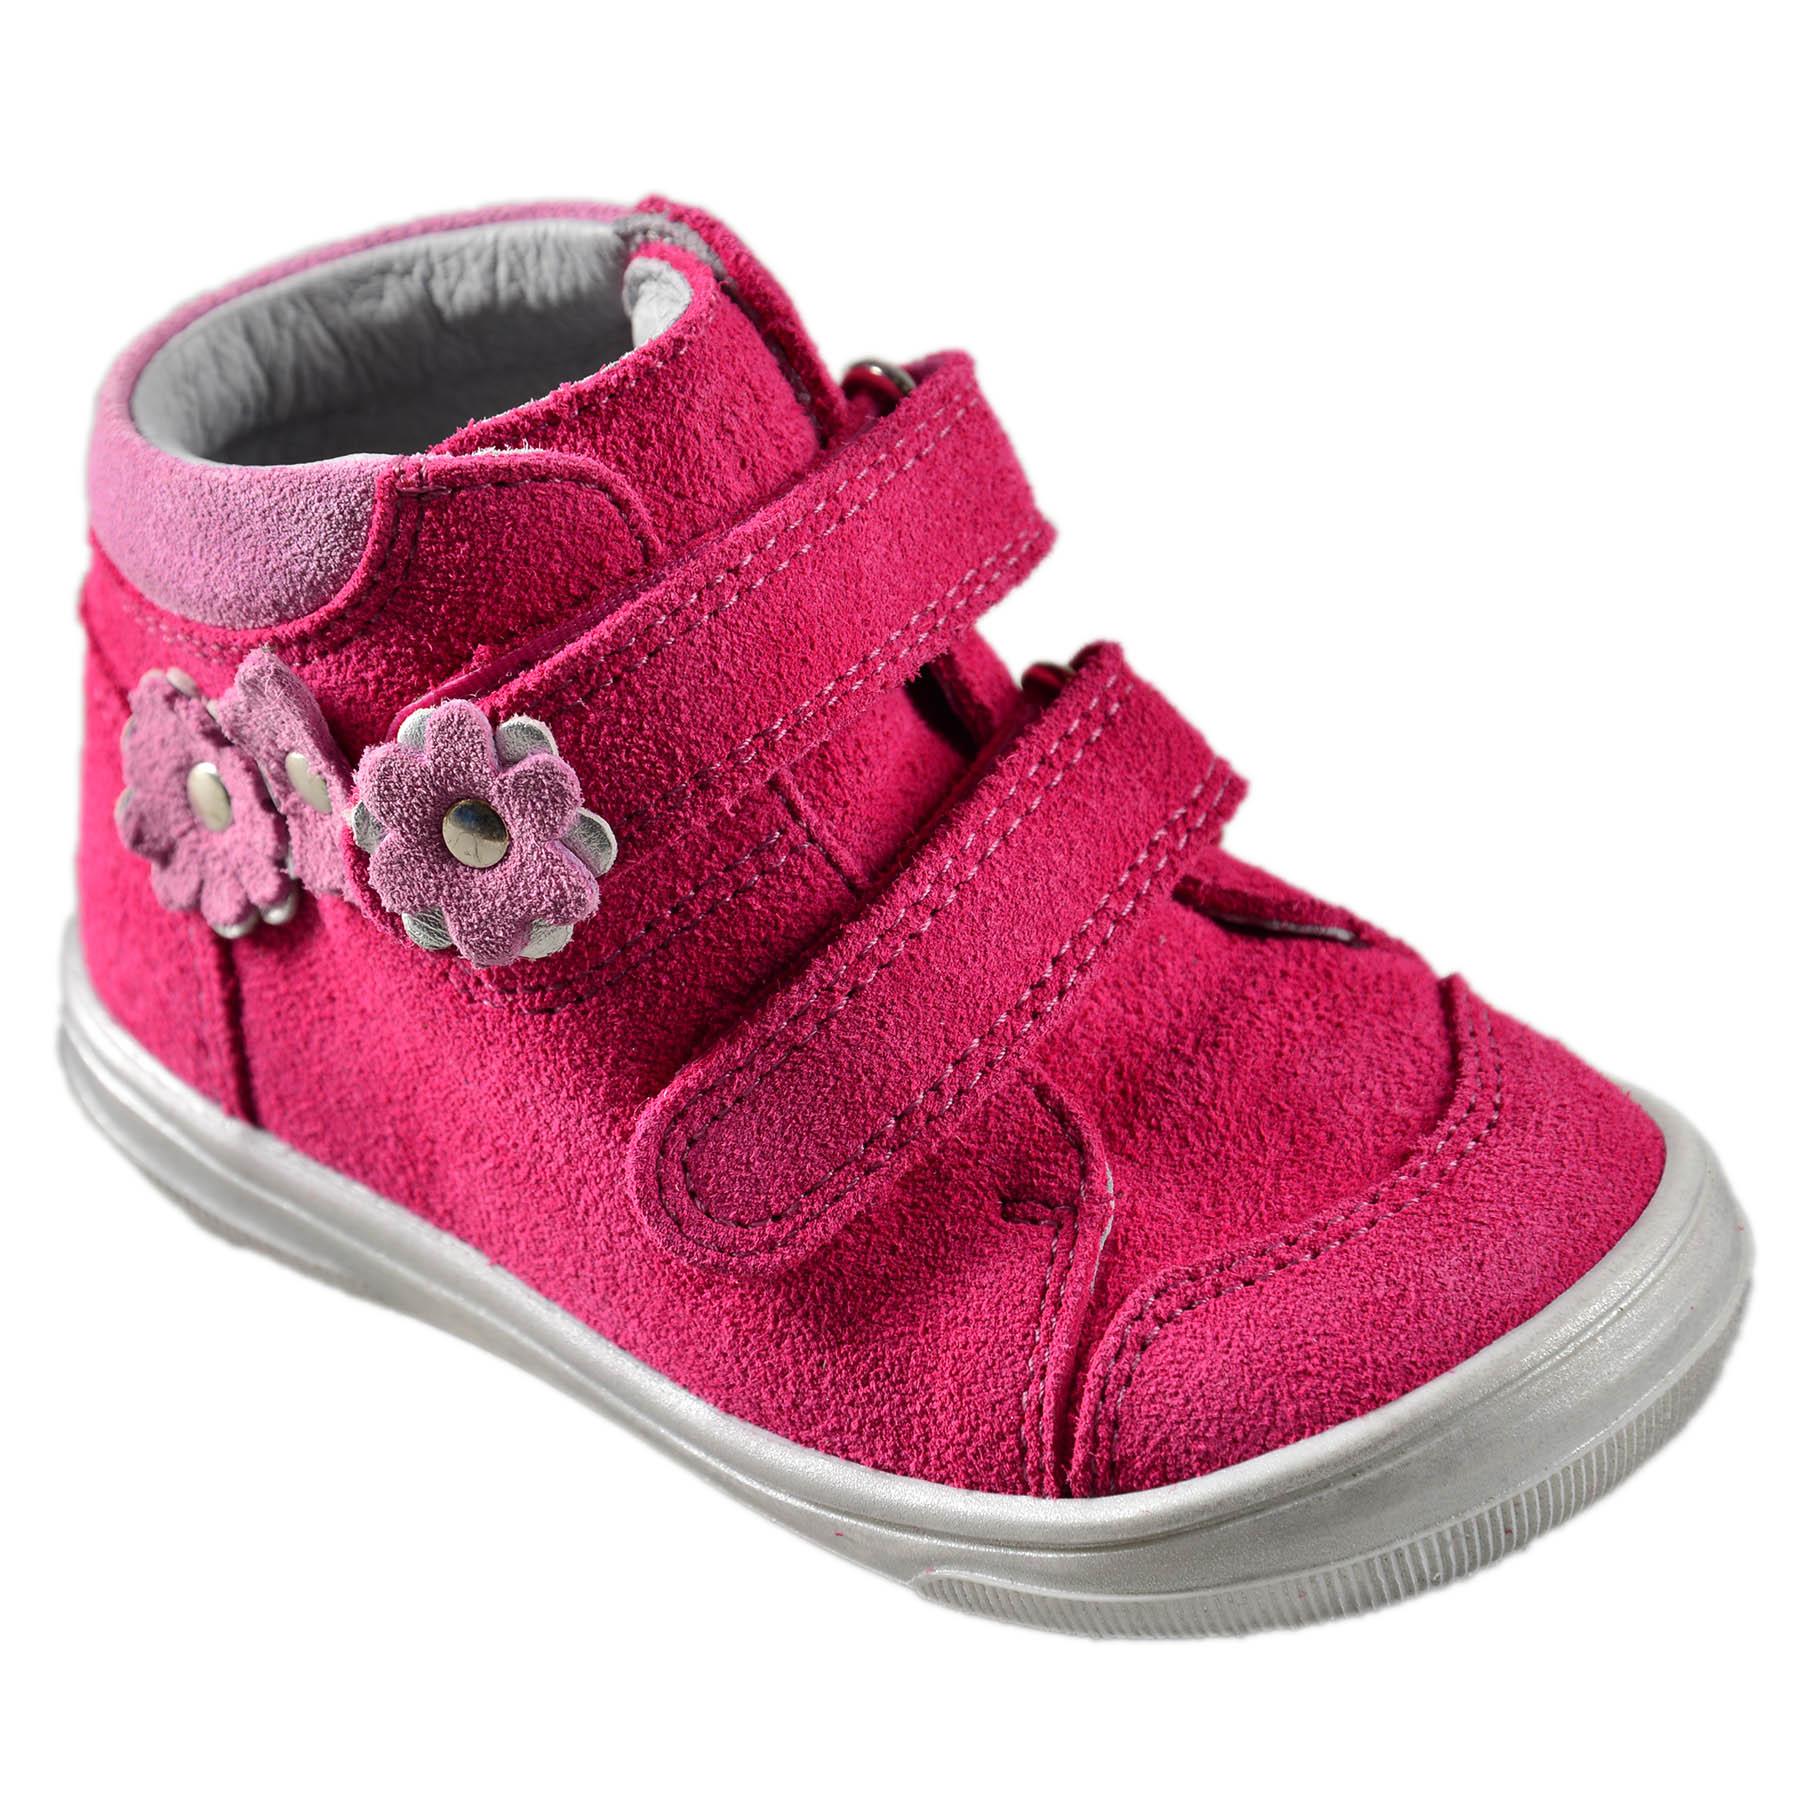 19973ea742a24 Dievčenské topánky Richter - 0333-144-3502   Lollipopkids.sk